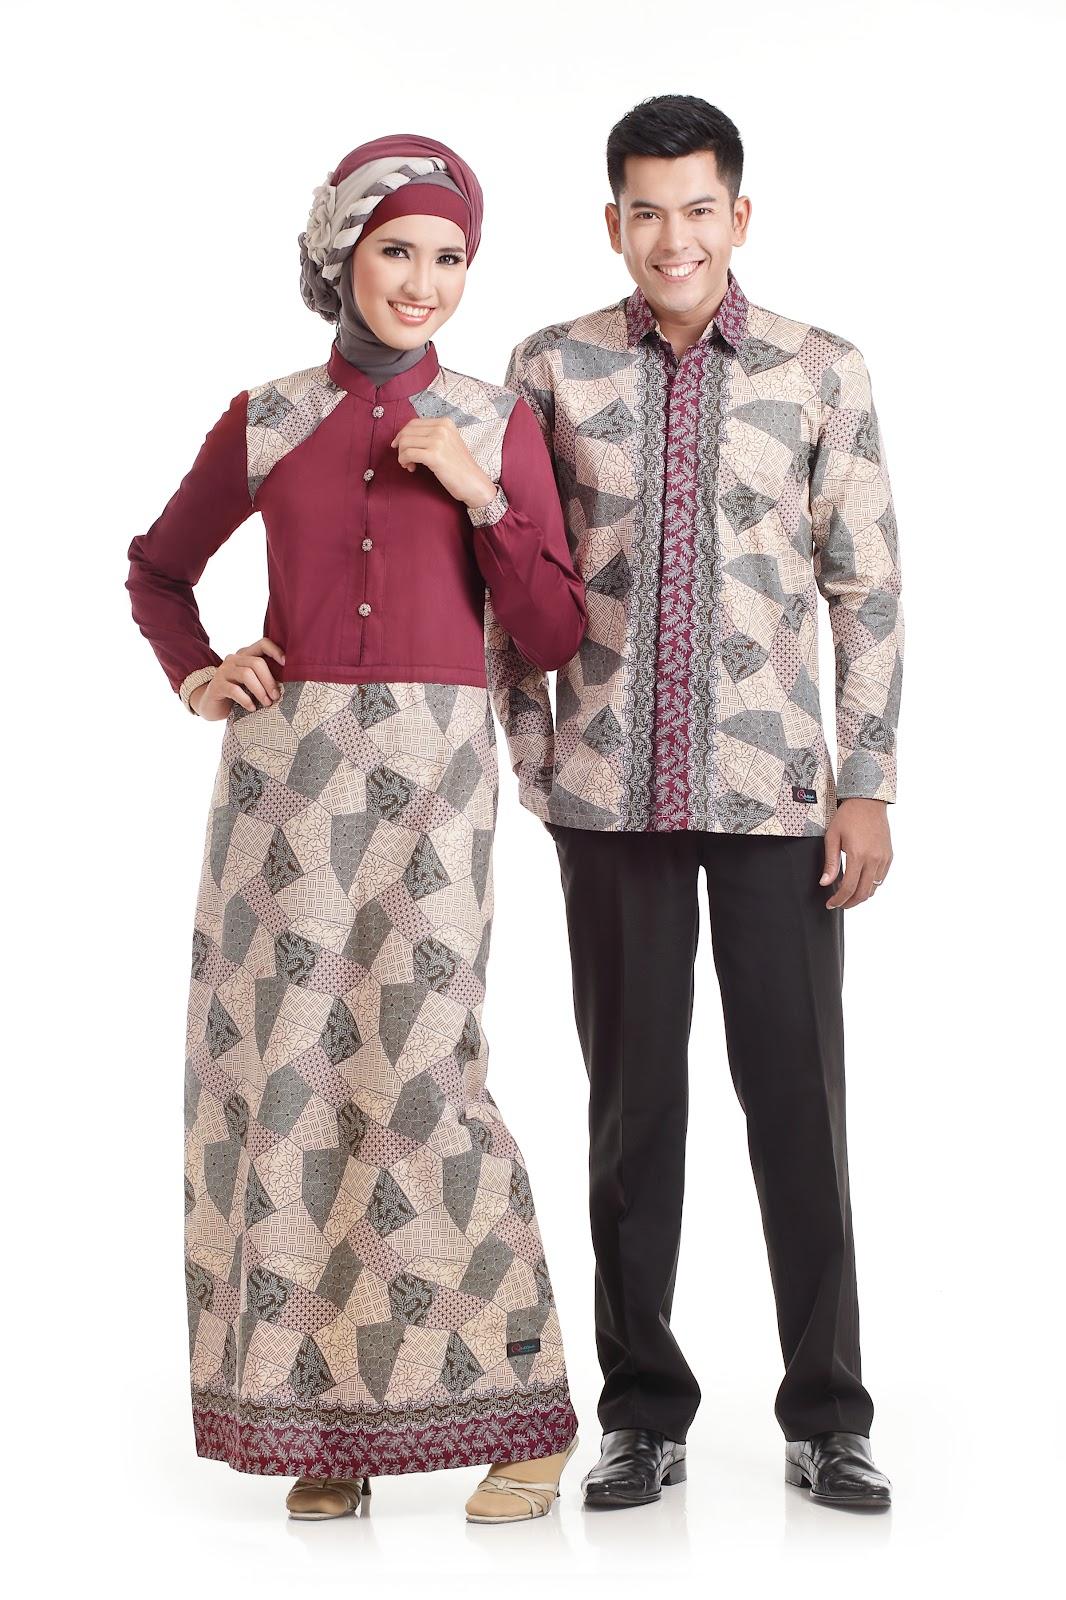 Desain Baju Batik Sekolah Wanita - Inspirasi Desain Menarik